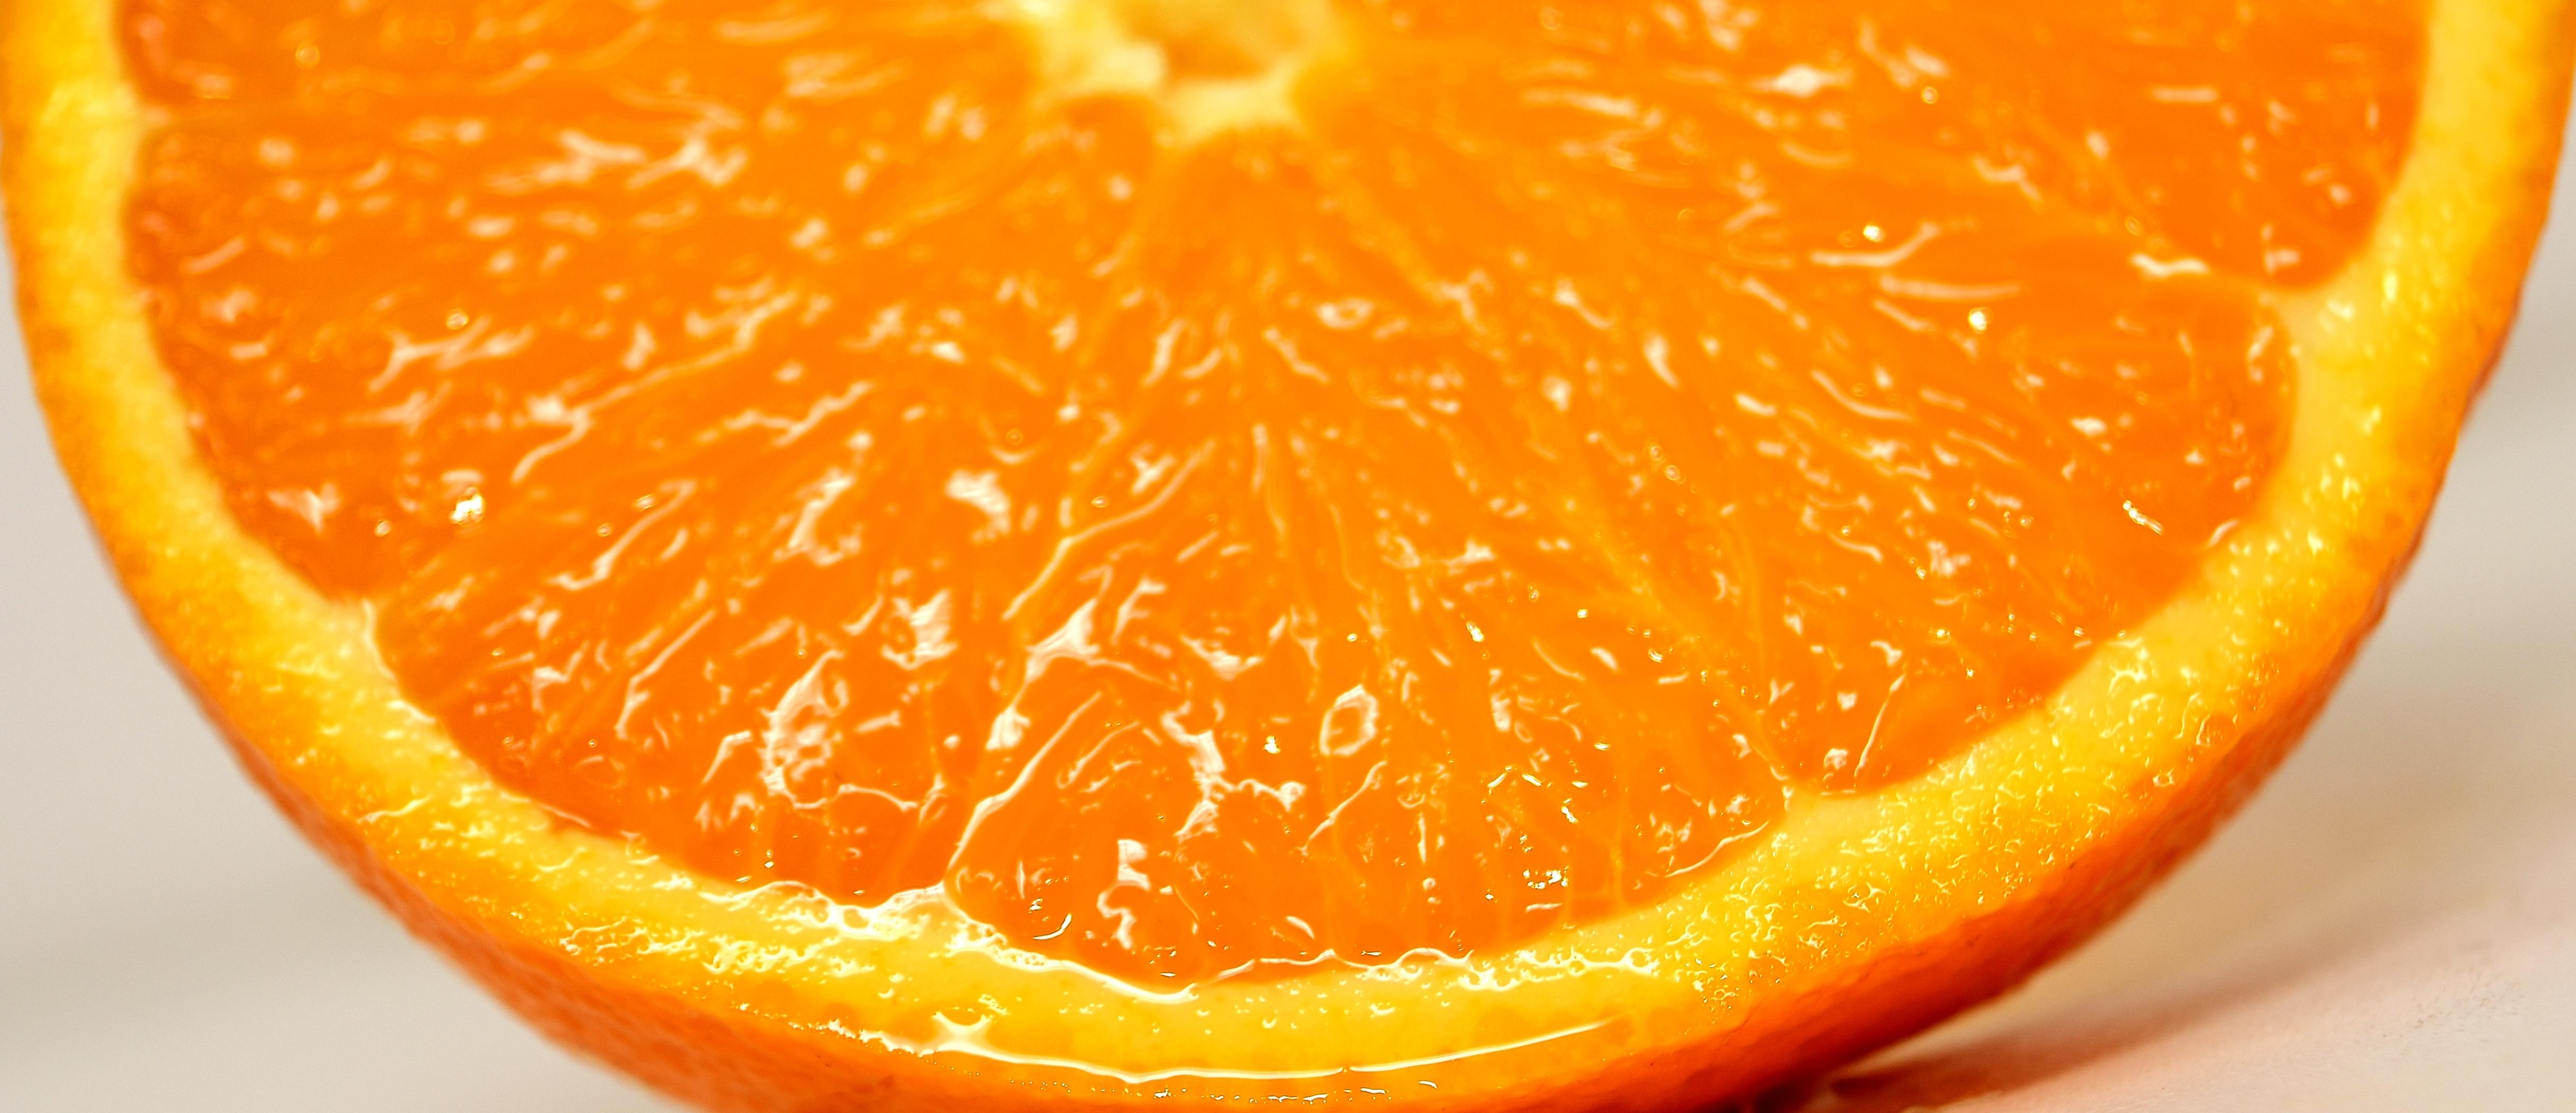 Vitamin C trong cam, quýt, bưởi có lợi cho thai nhi 3 tháng